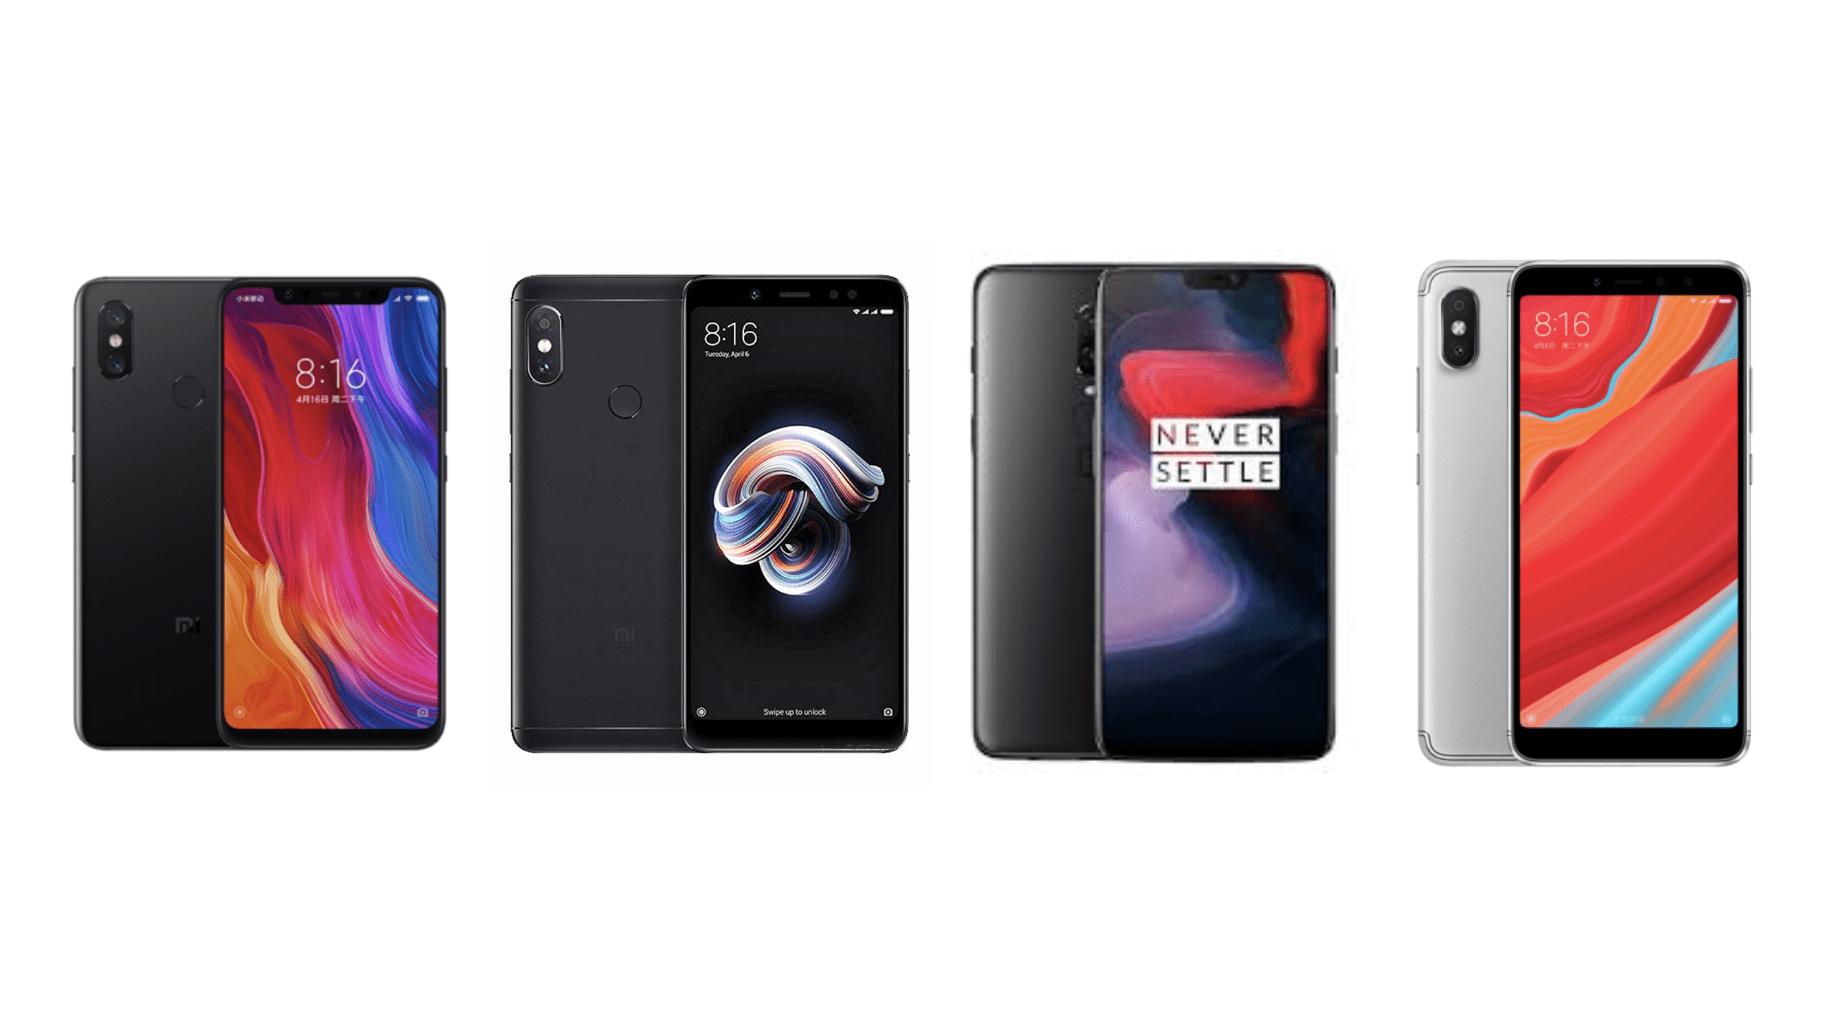 OnePlus 6 à 424 euros, Xiaomi Mi 8 à 415, Mi Pad 4 à 255, Mi Band 3 à 22 et Redmi S2 à 134 sur GearBest